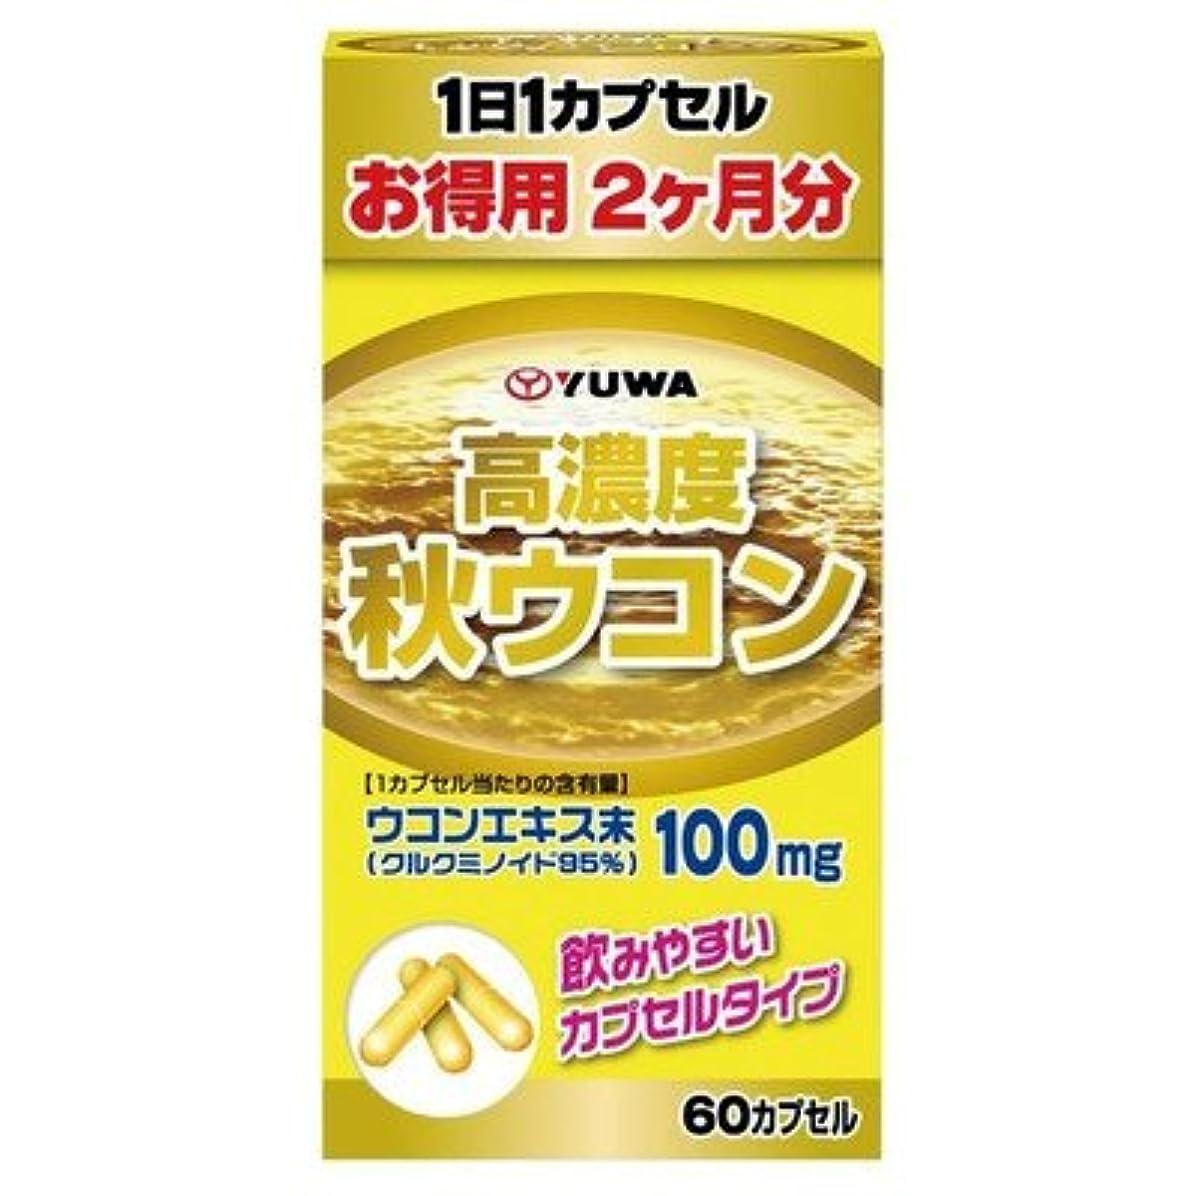 解く非効率的な補助金ユーワ 高濃度秋ウコン お得用約2ヶ月分 60カプセル 1490